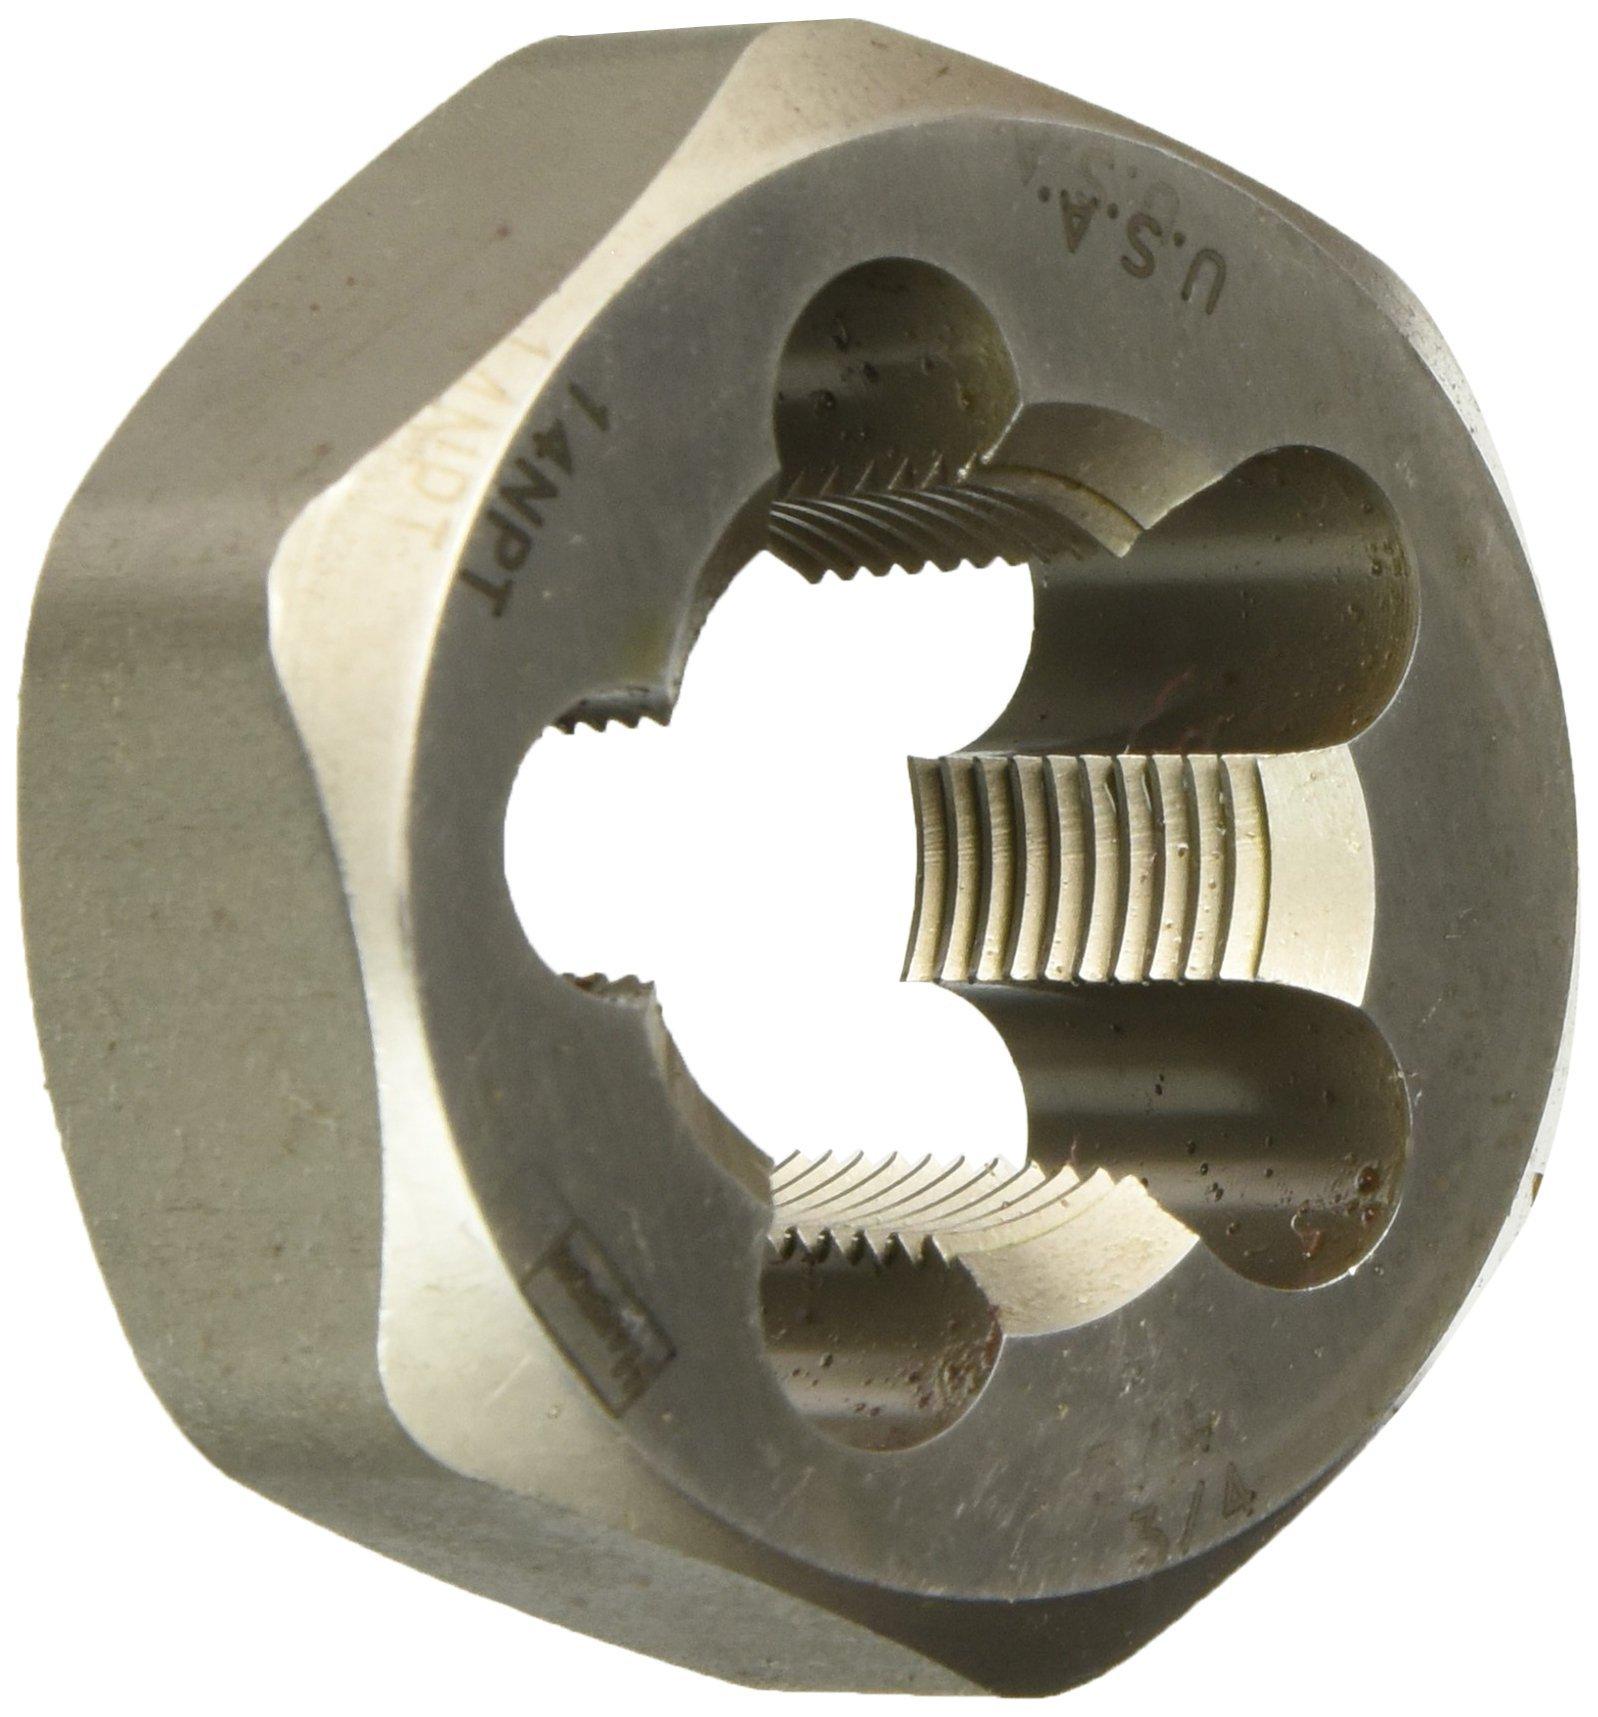 Irwin Tools 7406 Irwin Pipe Threading Die Hex 2 '' W Across 3/4 ''-14NPT